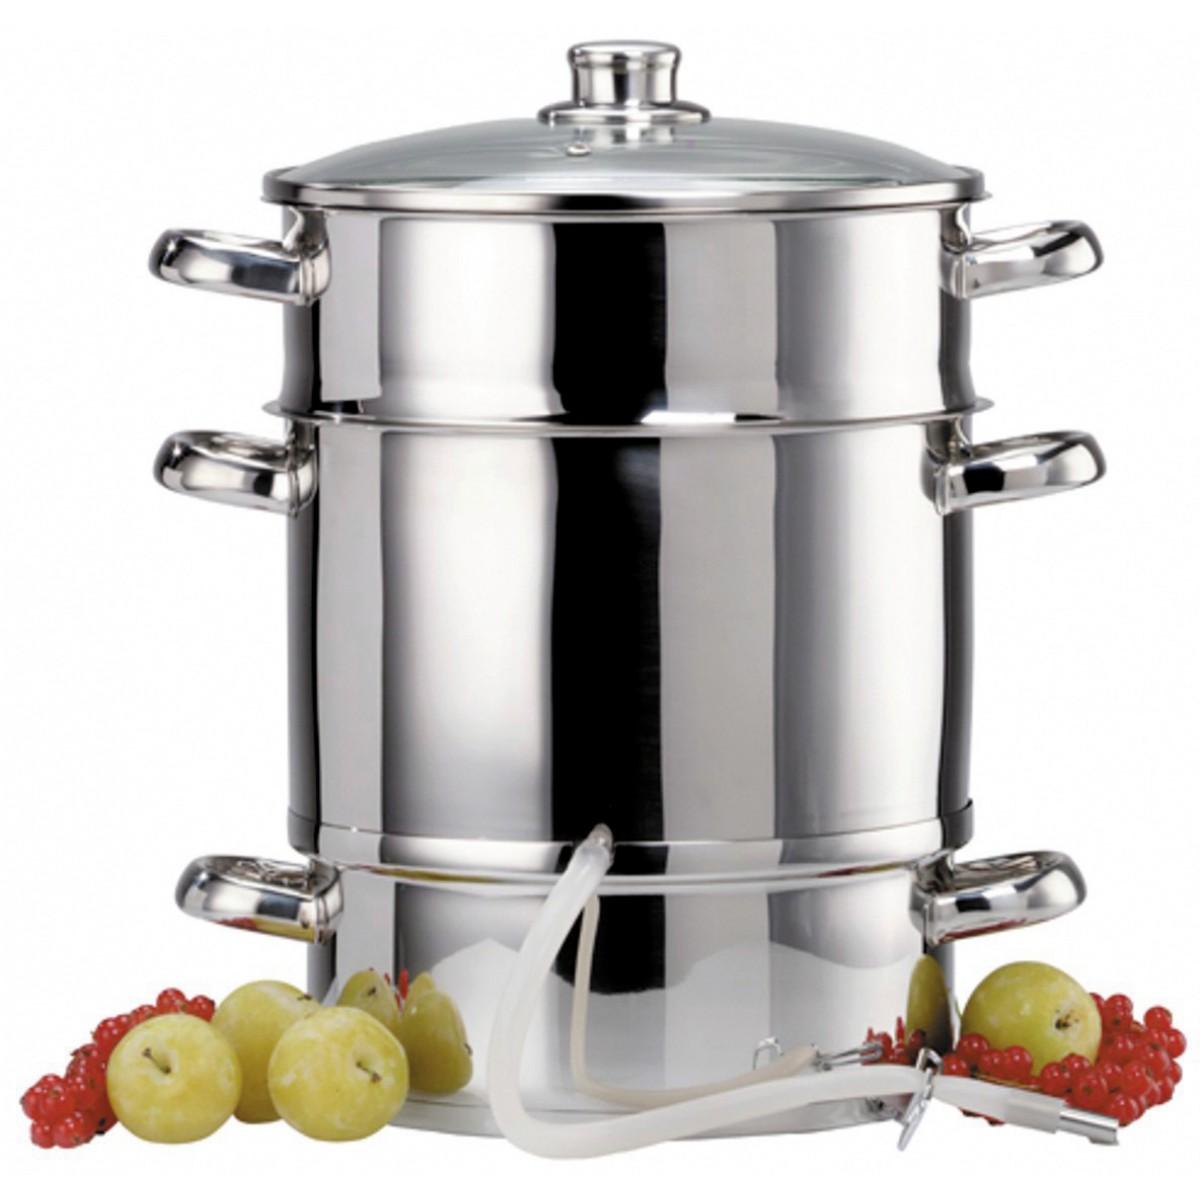 Extracteur à jus de fruits ou légumes à vapeur Baumalu - Diamètre 260 mm